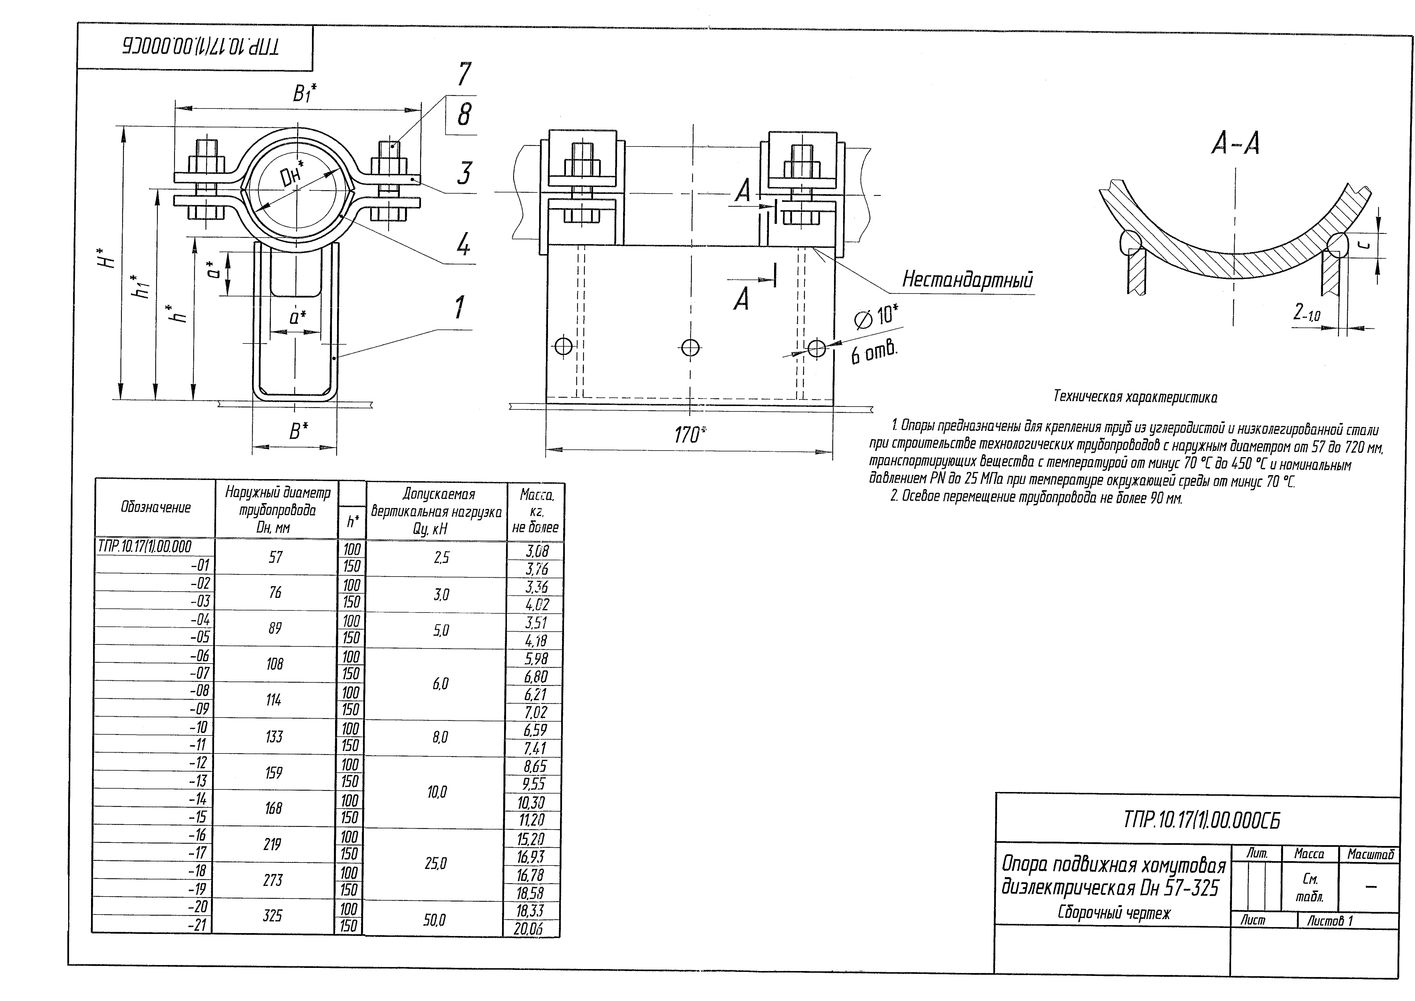 ТПР.10.17(1).00.000 Опоры подвижные хомутовые диэлектрические трубопроводов Дн 57-325 мм